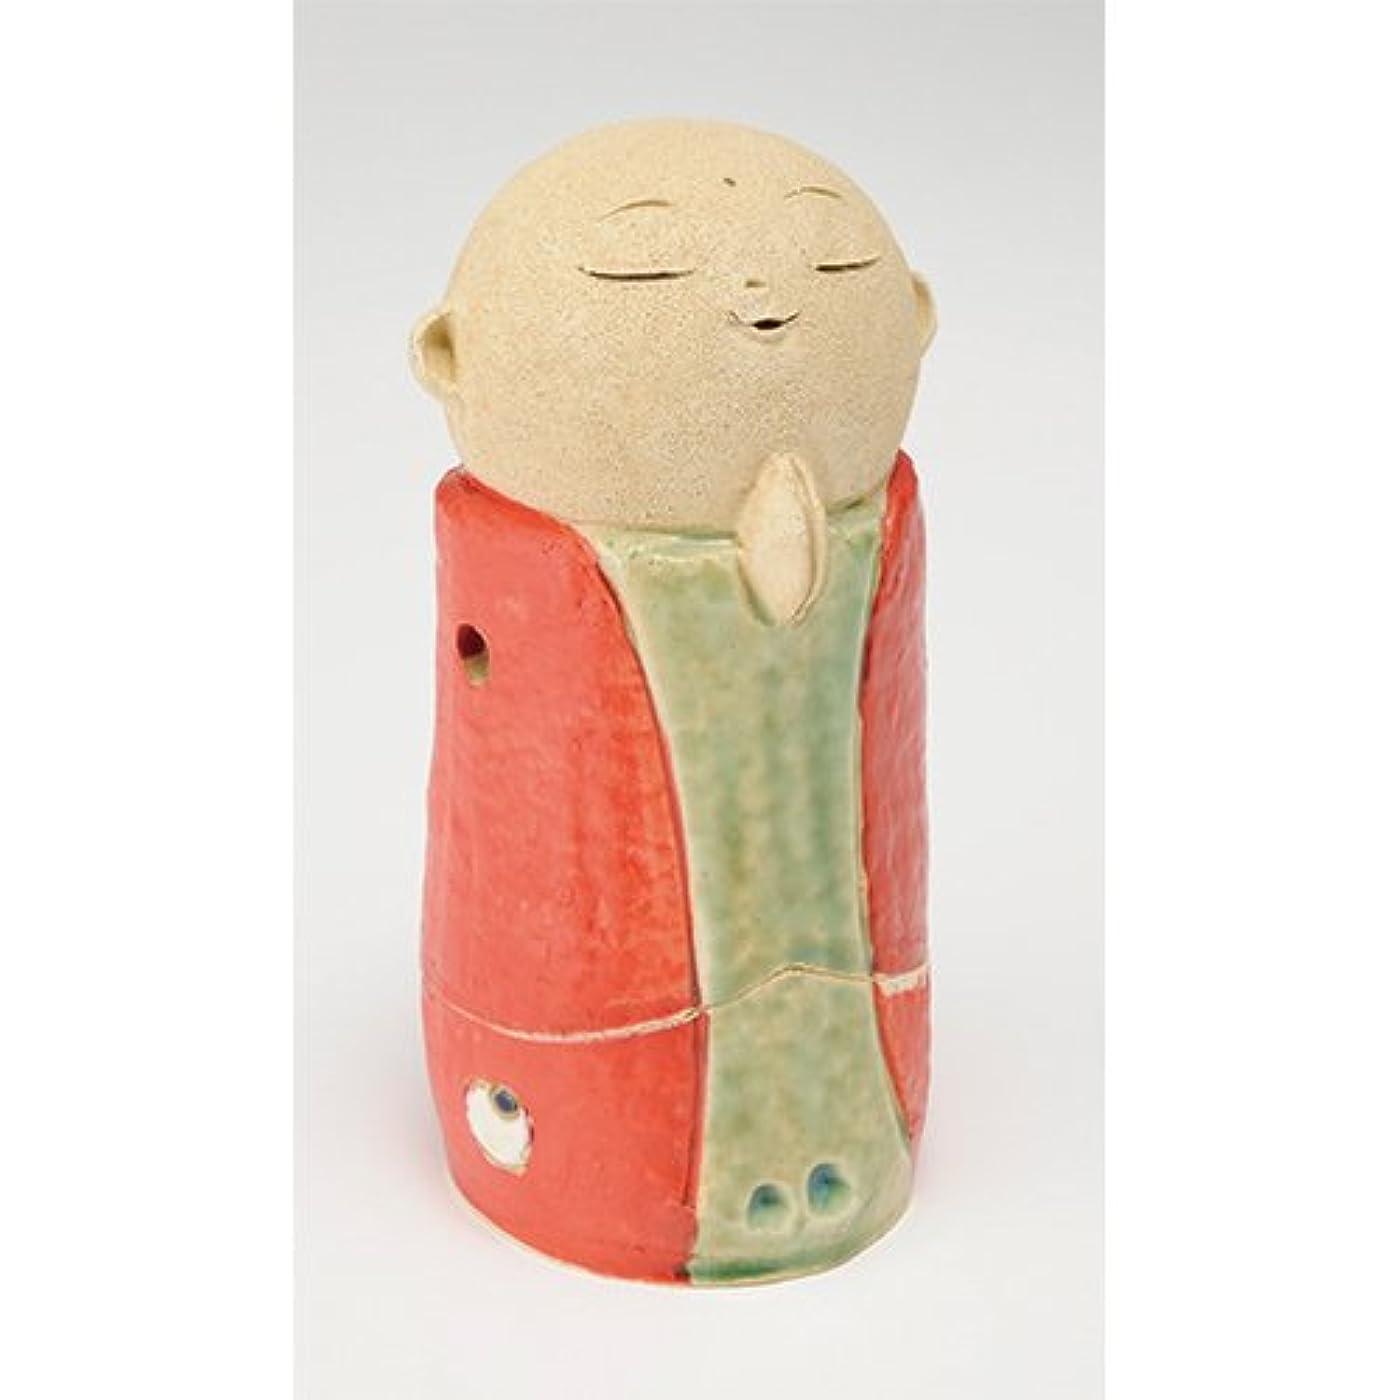 組み合わせる商標徐々にお地蔵様 香炉シリーズ 赤 お地蔵様 香炉 5.3寸(大) [H16cm] HANDMADE プレゼント ギフト 和食器 かわいい インテリア